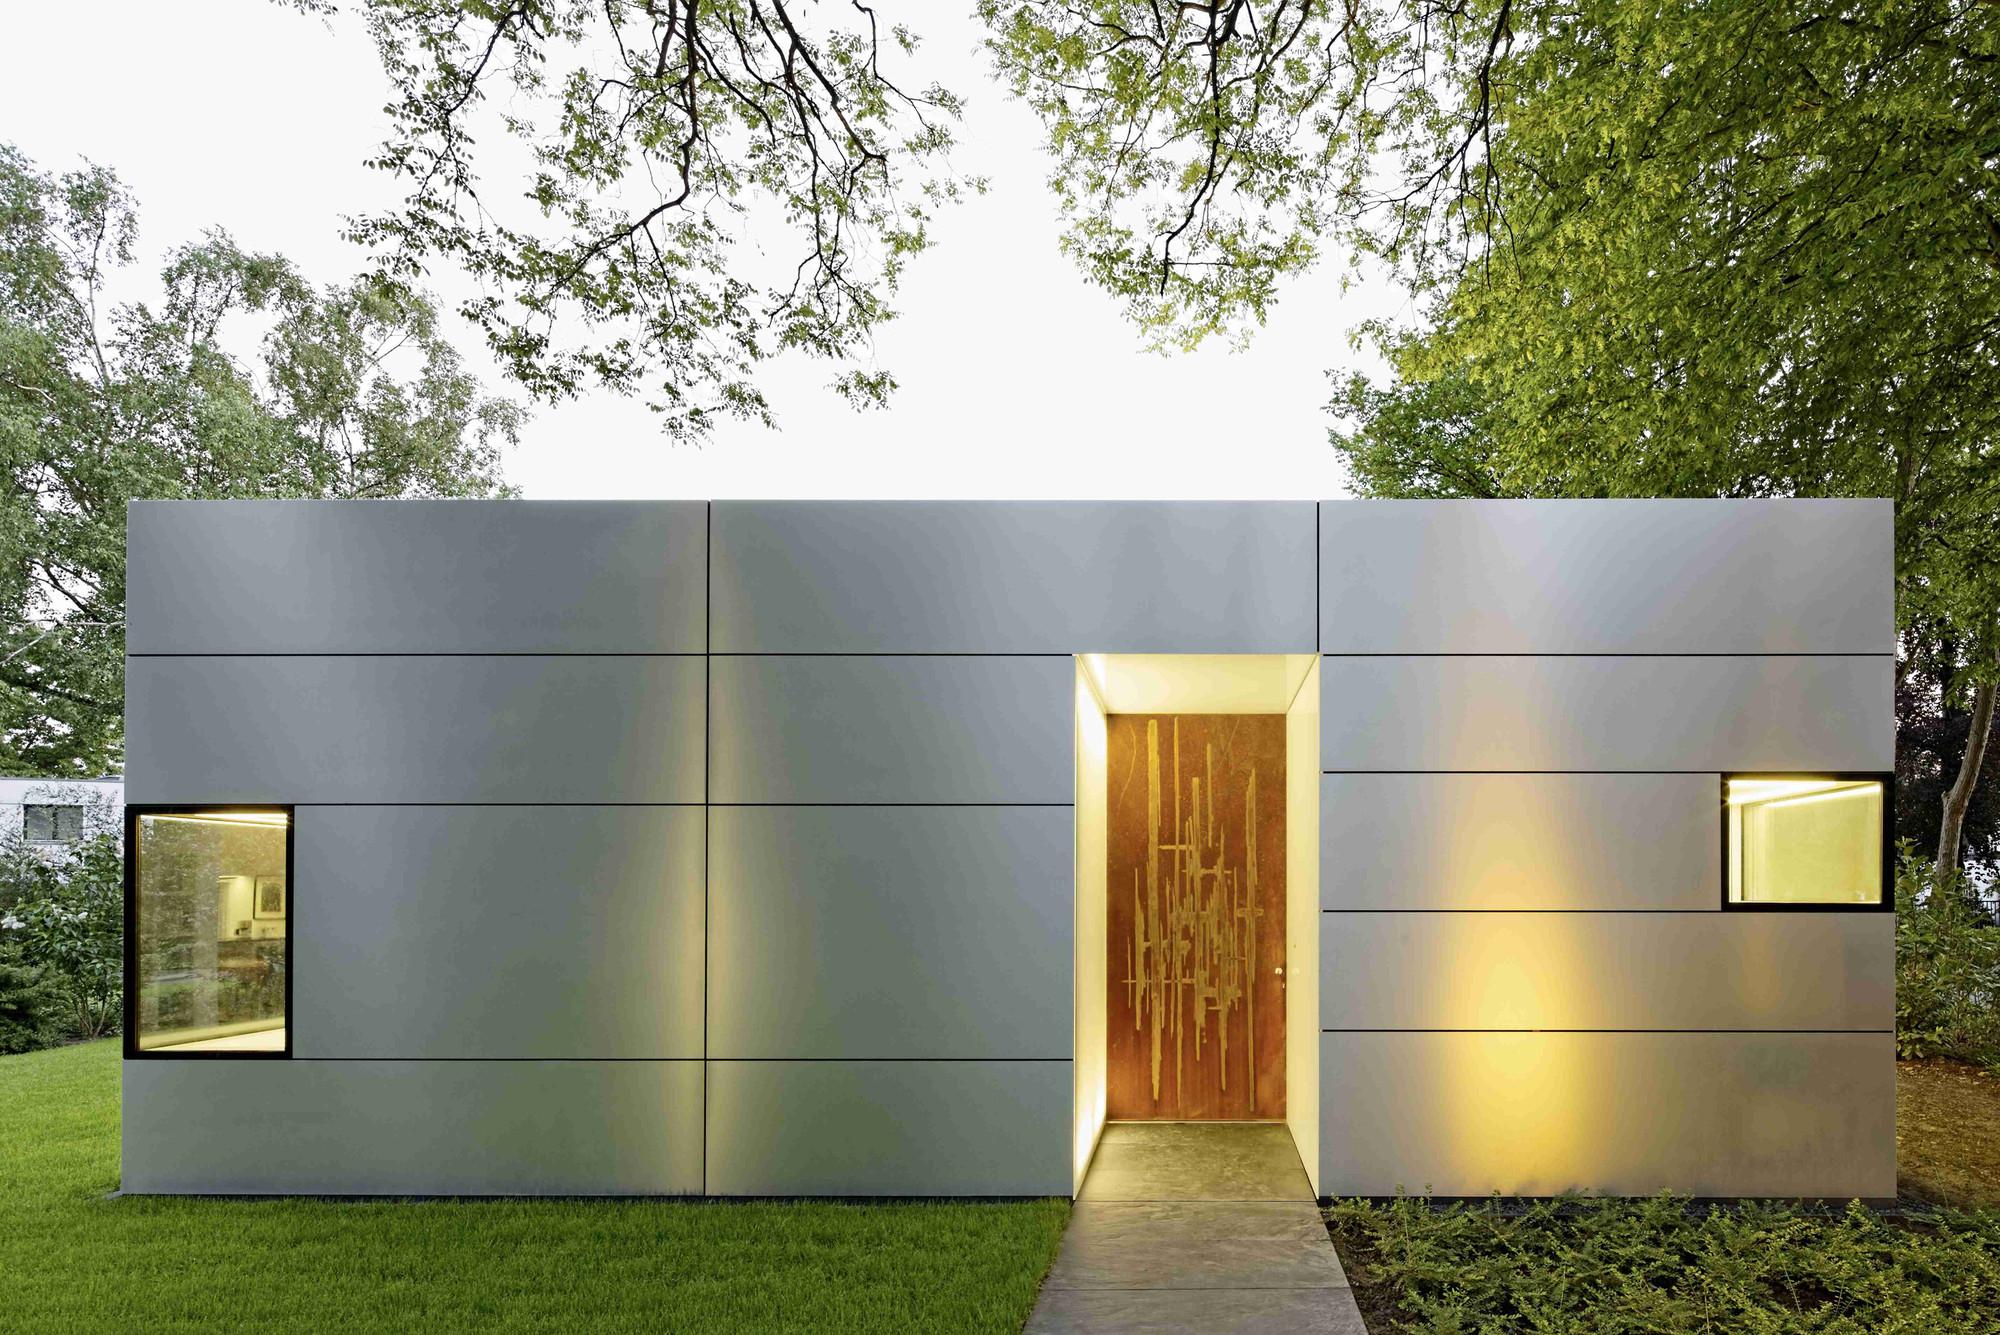 Gallery of Haus Neufert / Gatermann + Schossig - 2